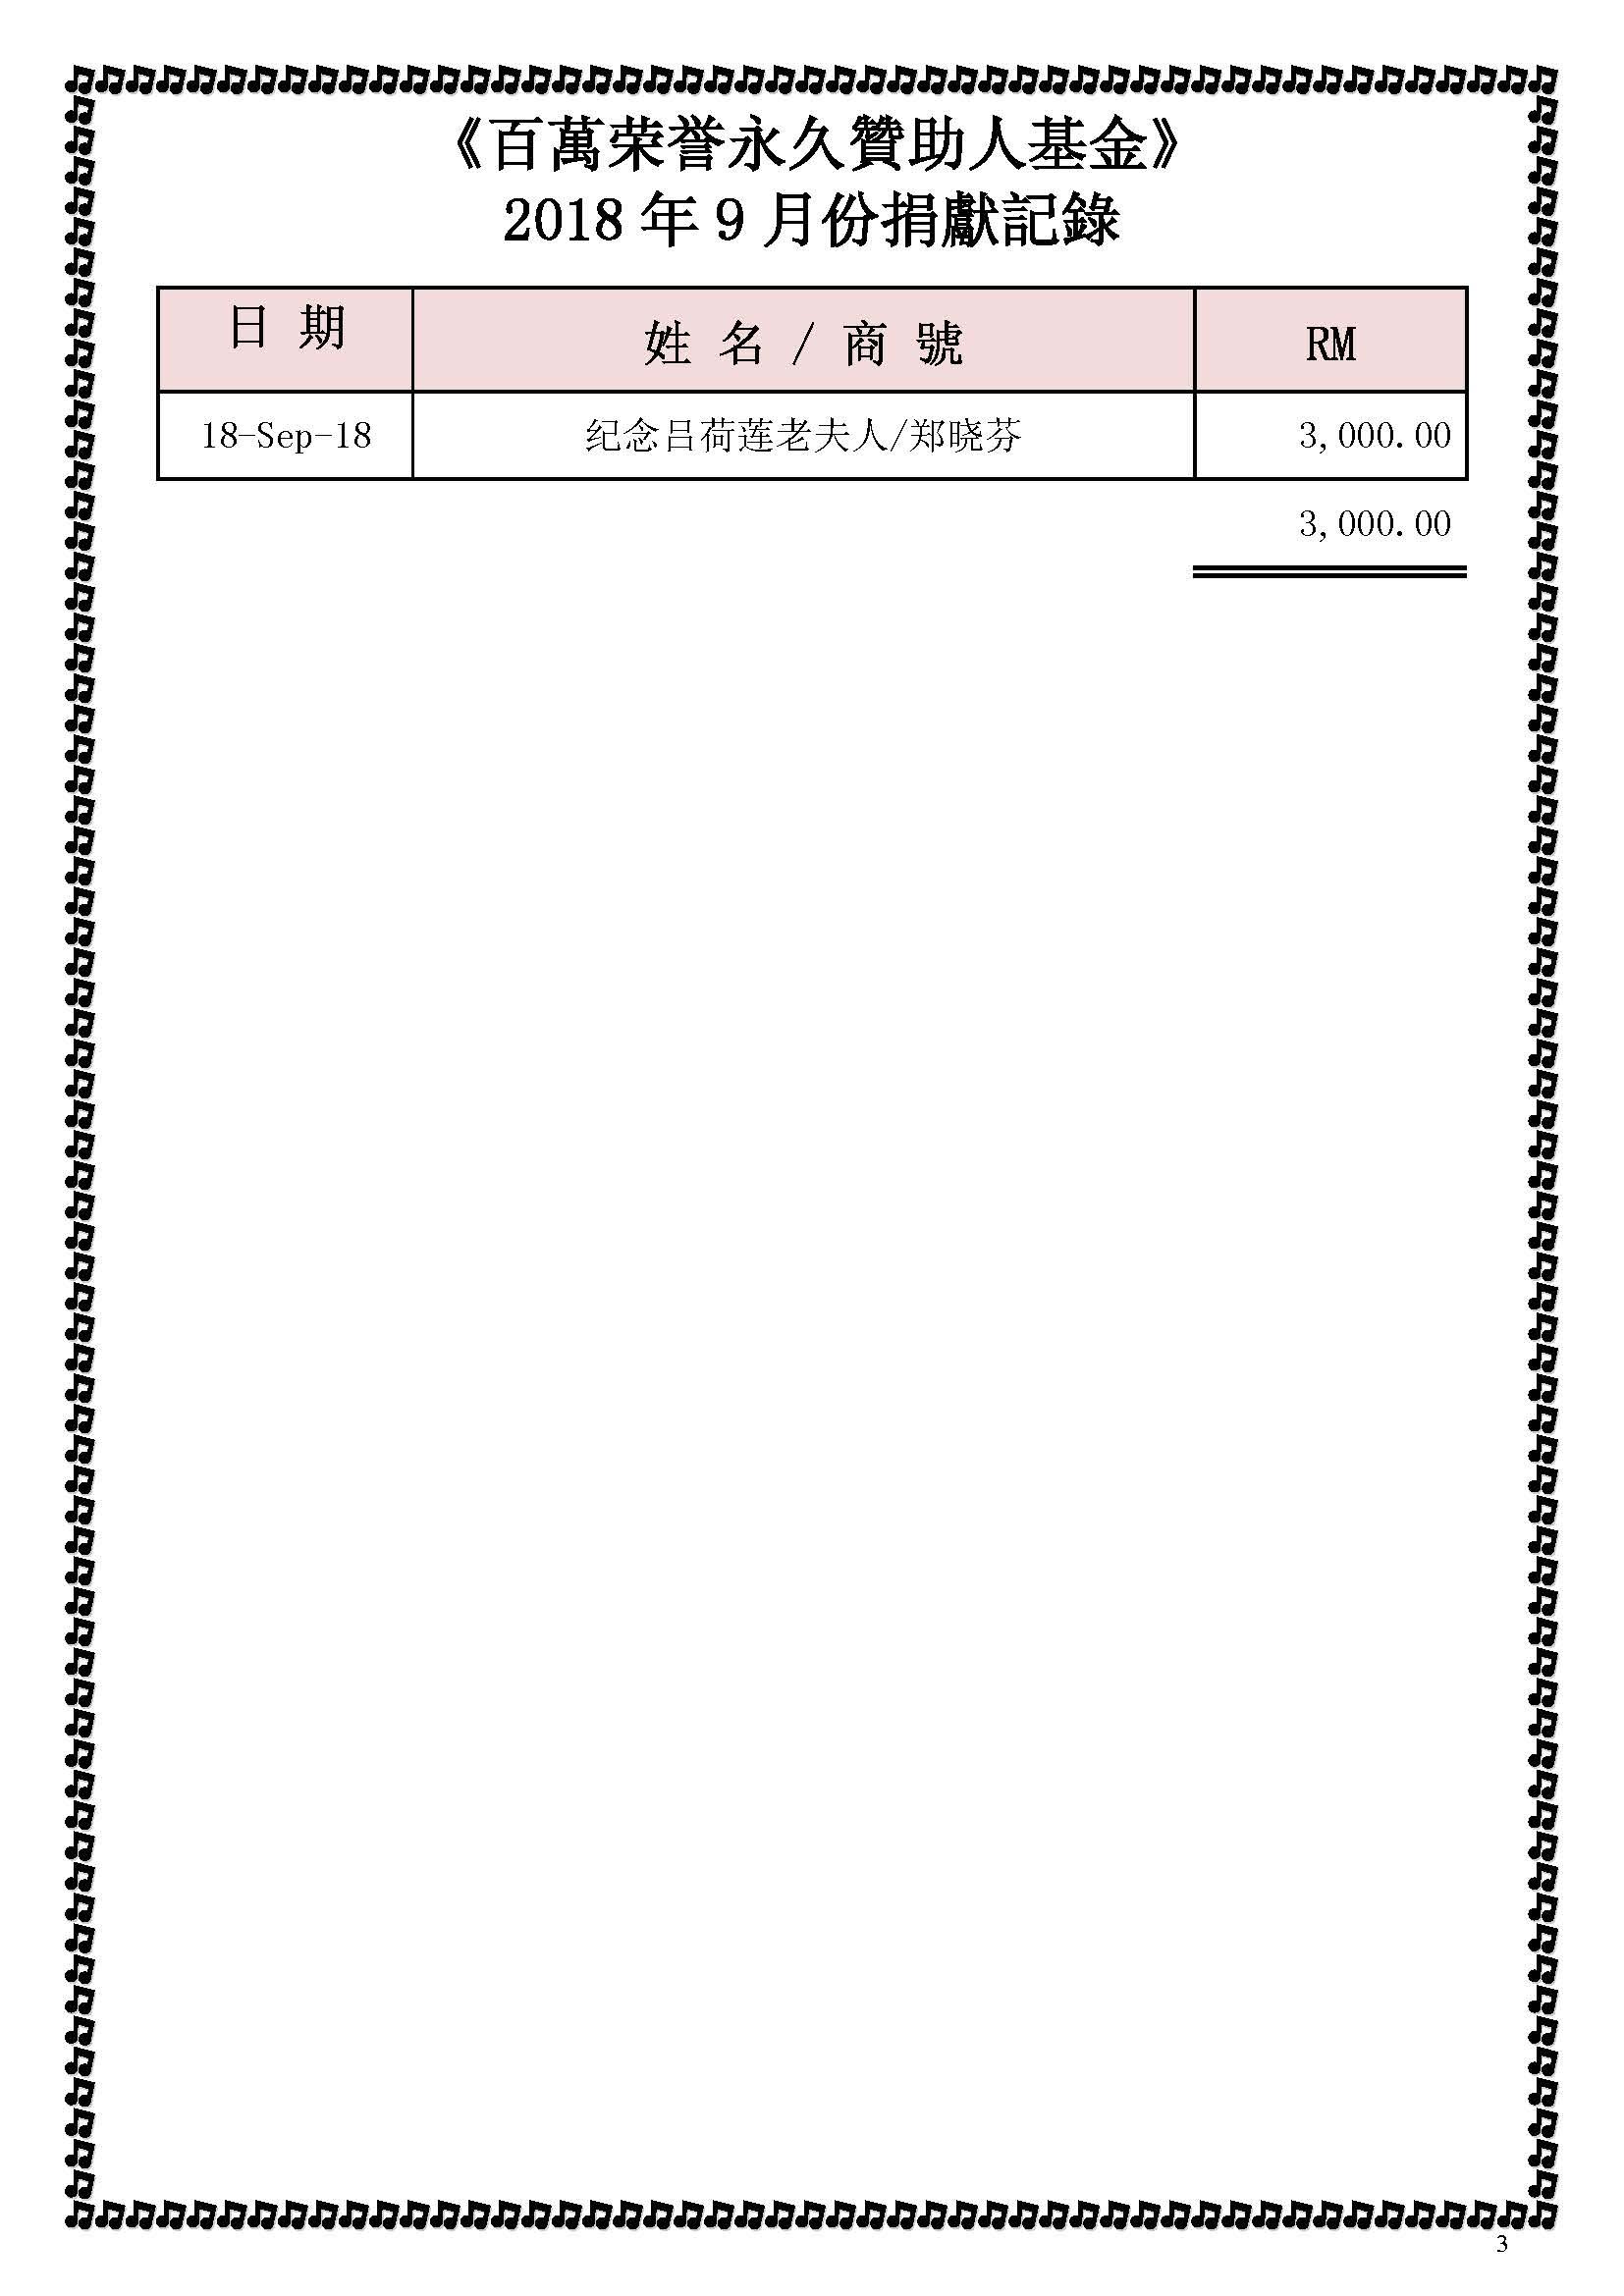 2018年9月份捐獻記錄—修改后_Page_3